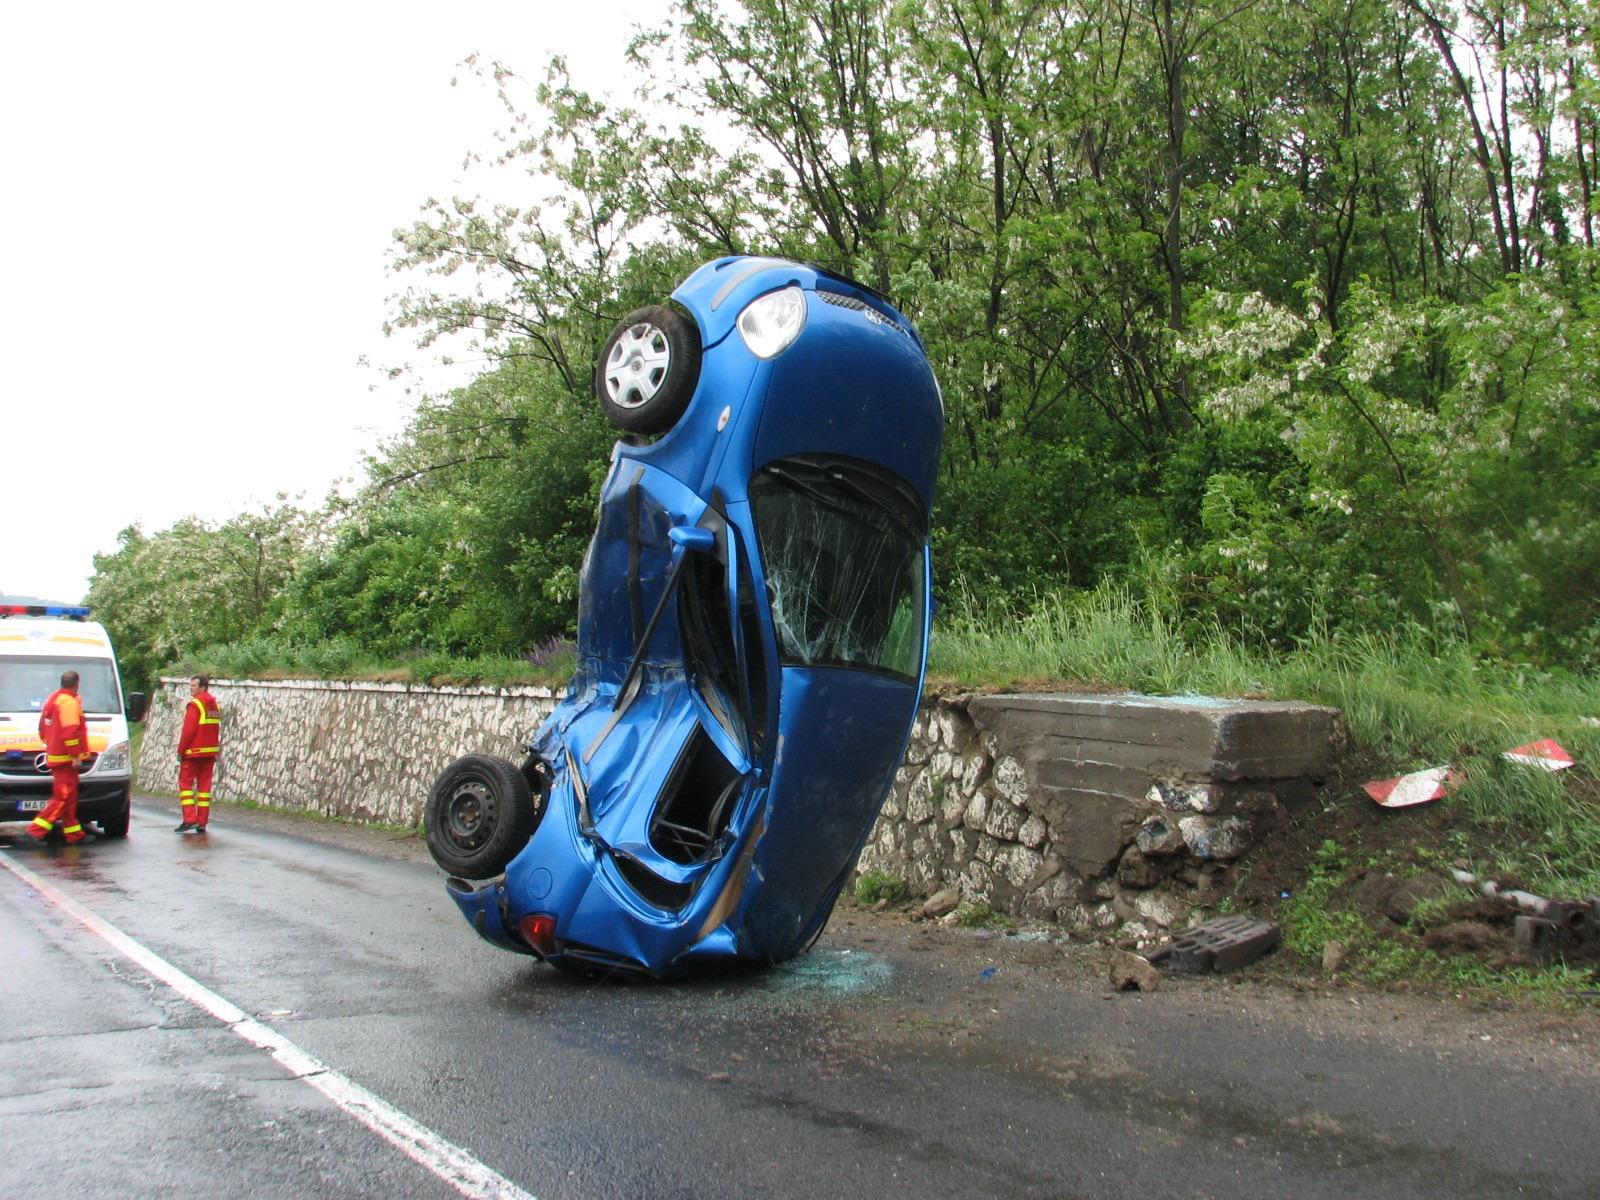 Ketten megsérültek a balesetben